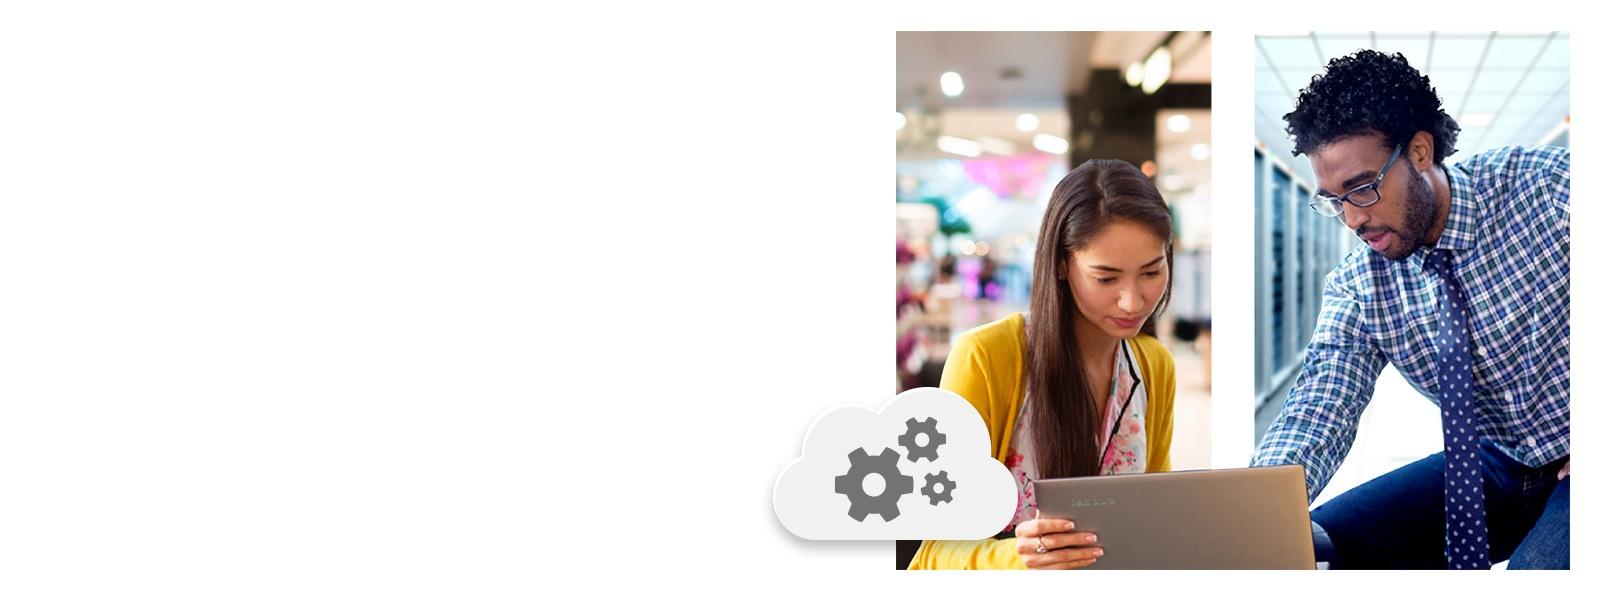 Zwei Personen im Business-Umfeld blicken gemeinsam auf einen Laptop